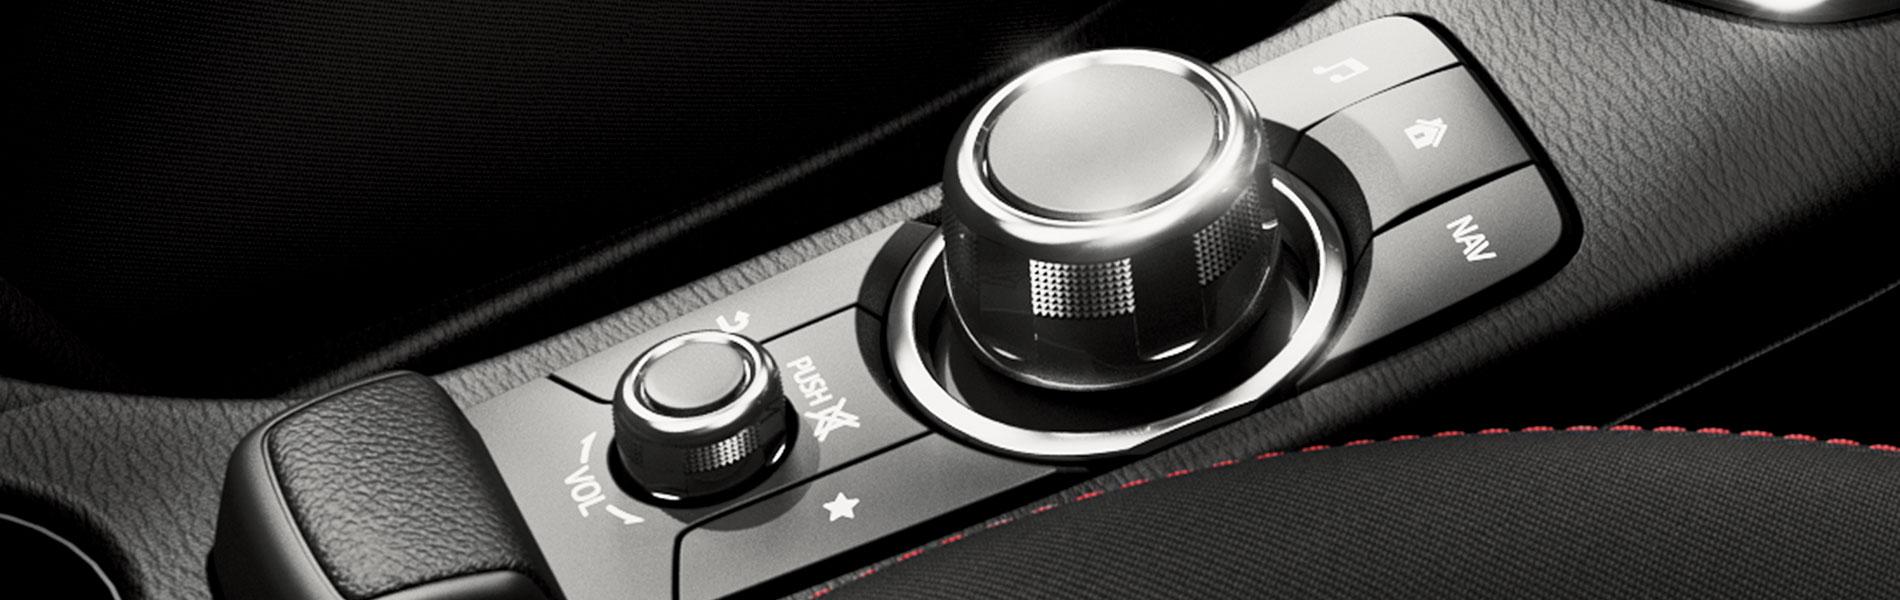 Mazda Mazda2 Image 1